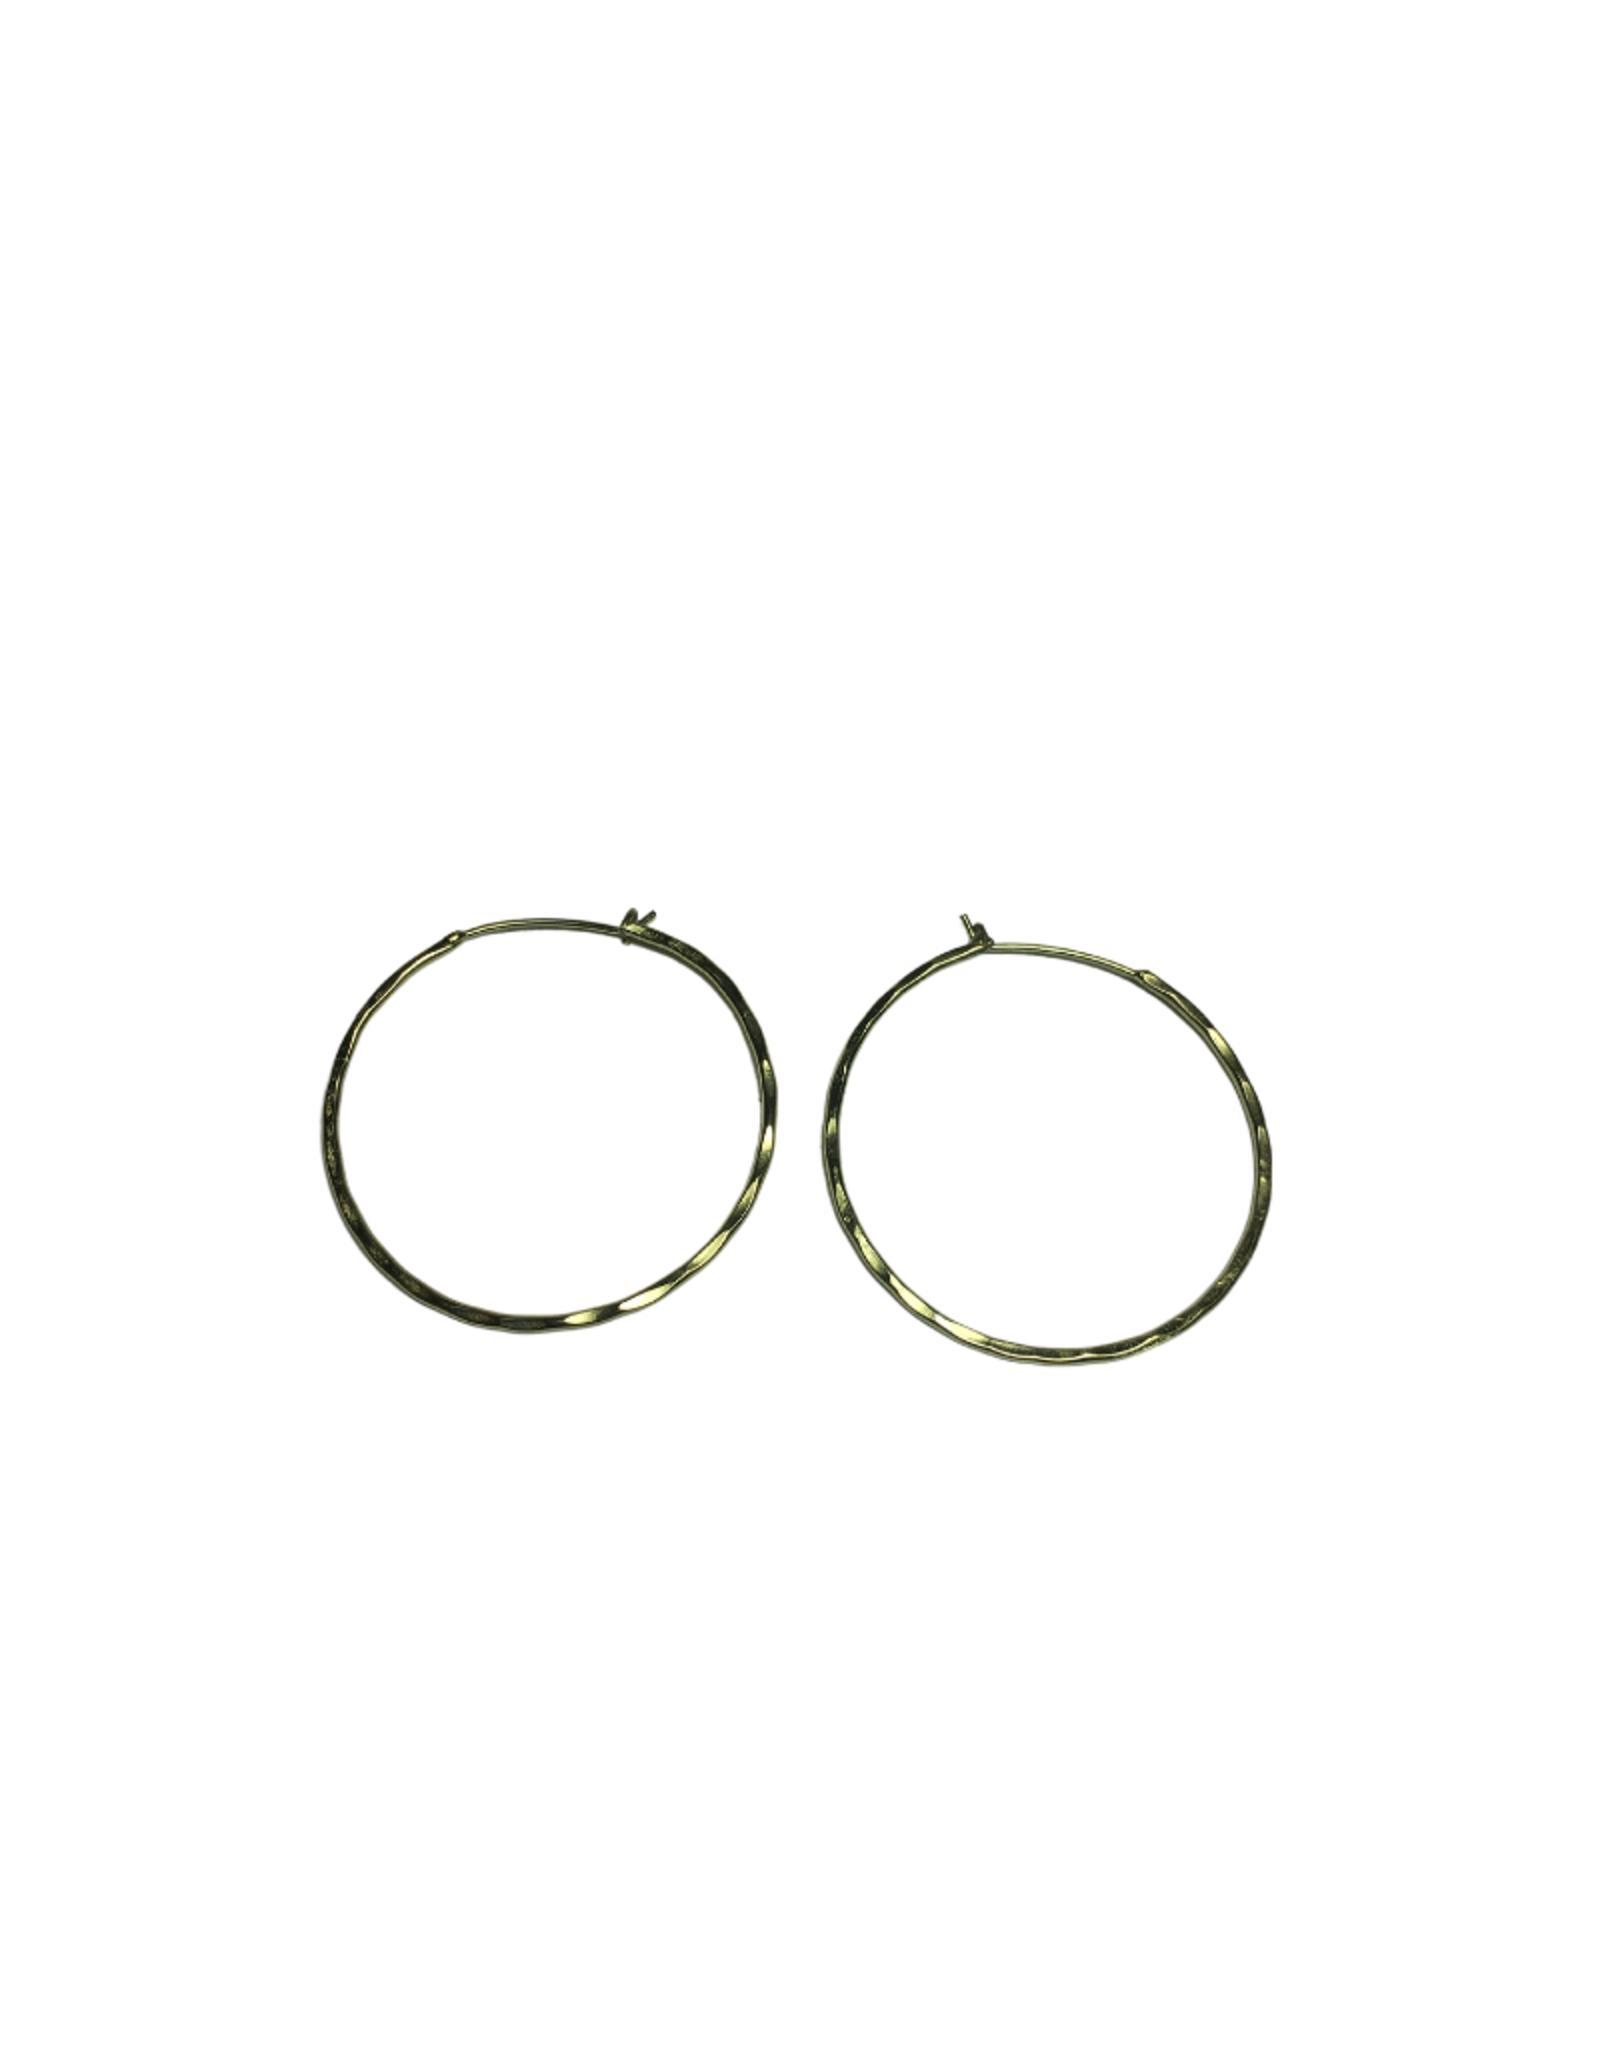 Ten Thousand Villages Hammered Brass Hoop Earrings